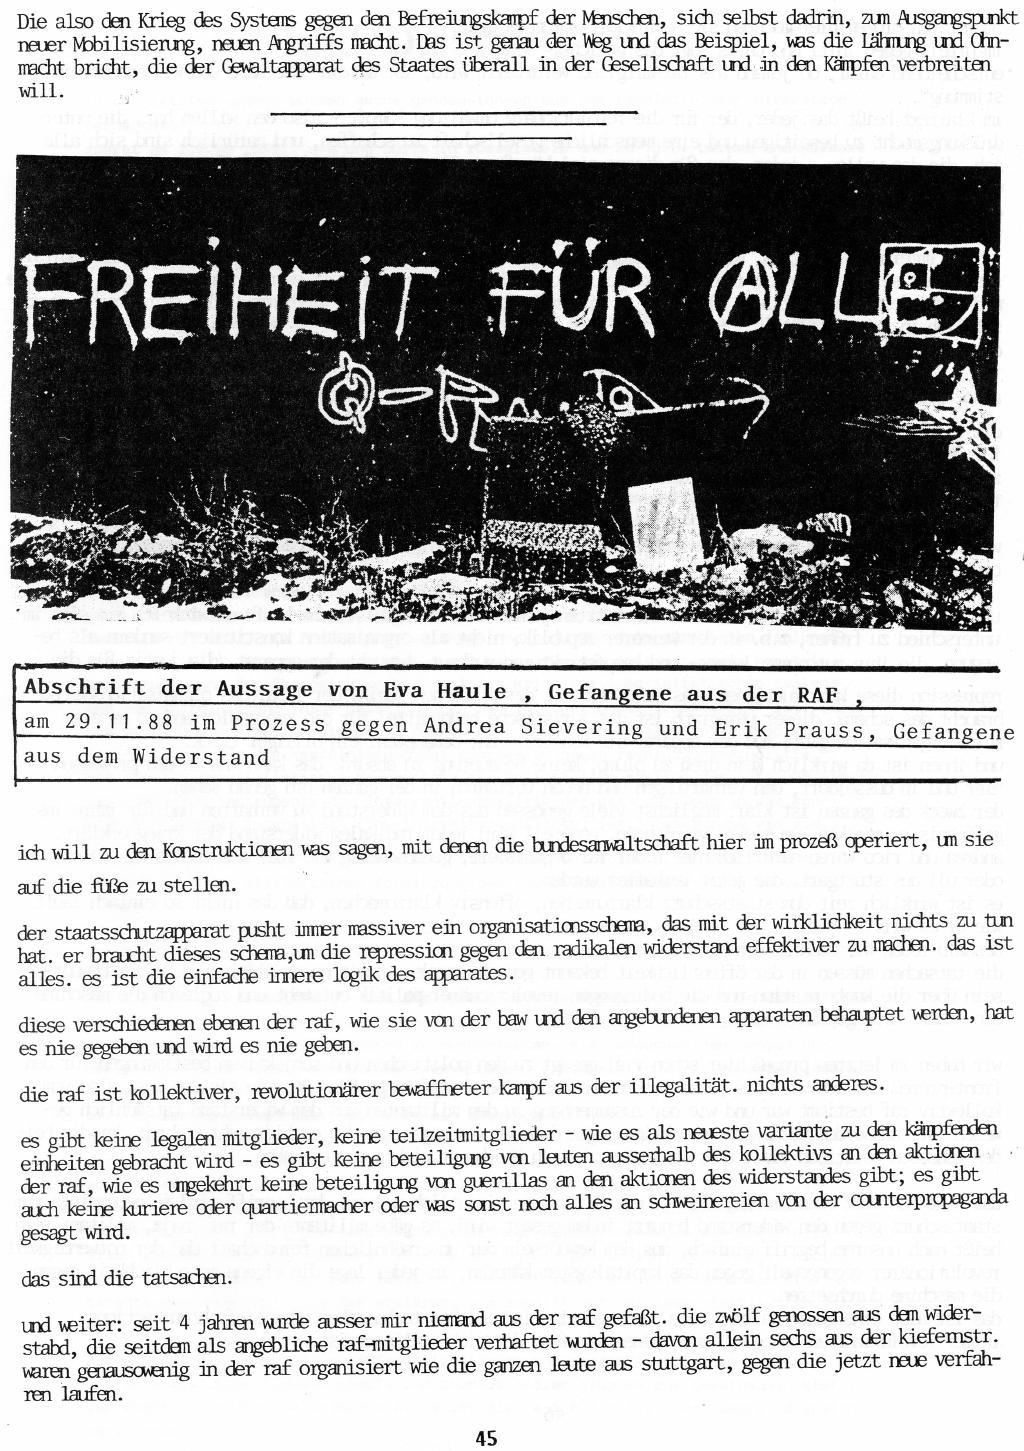 Duesseldorf_1989_Sechs_Politische_Gefangene_045